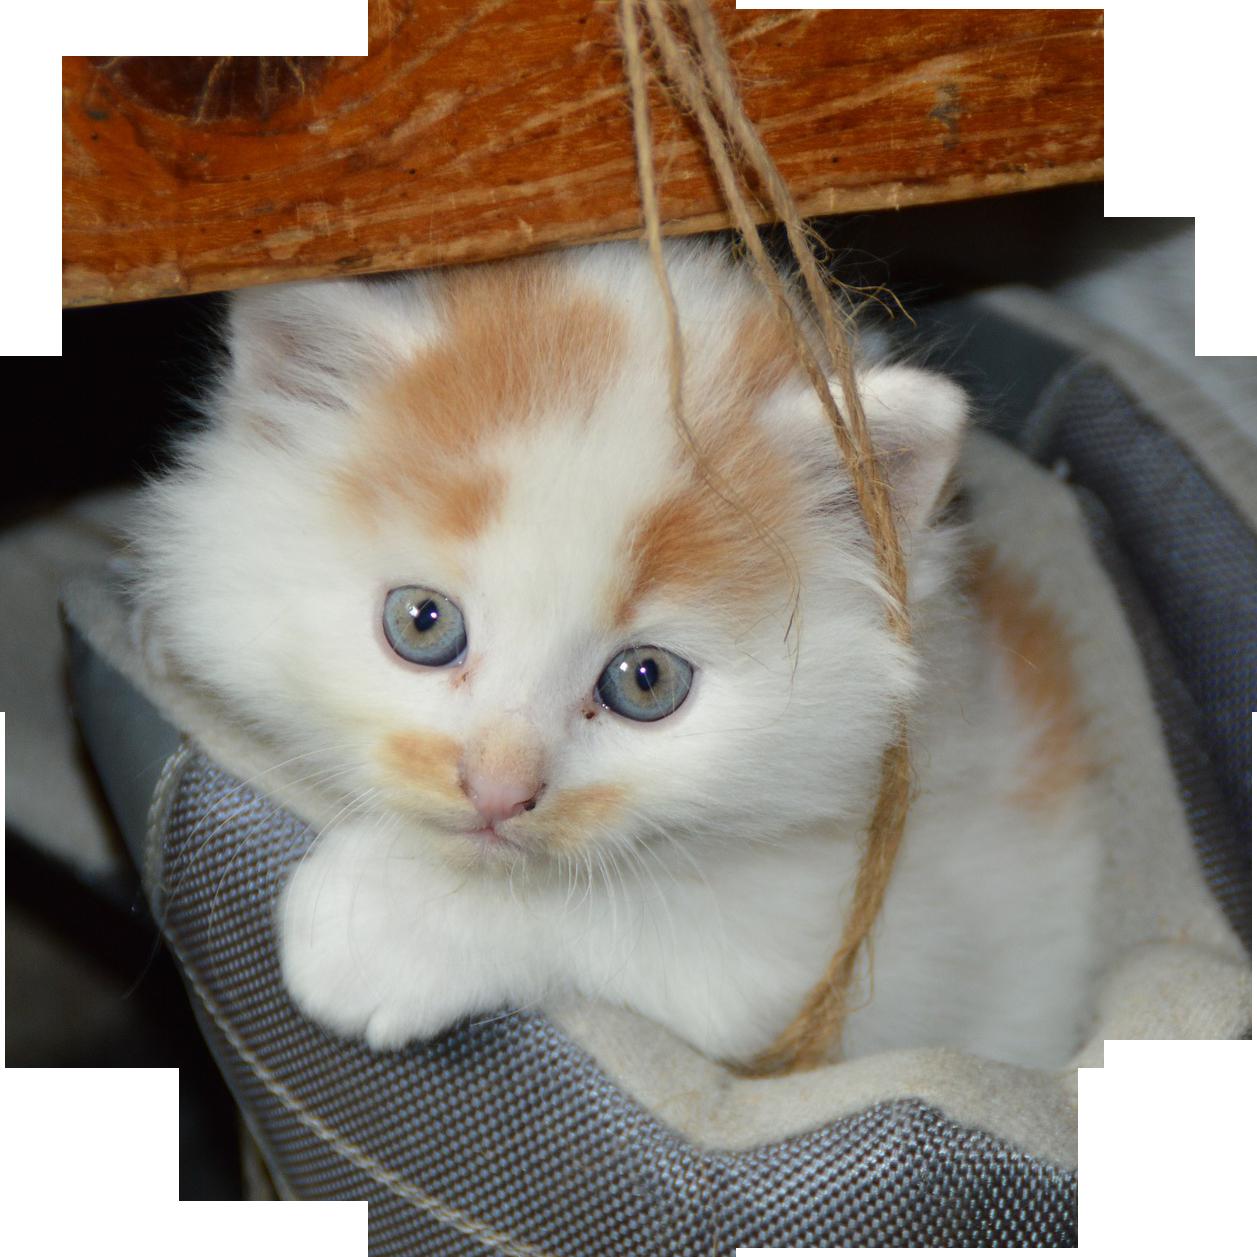 cat-451377_1920